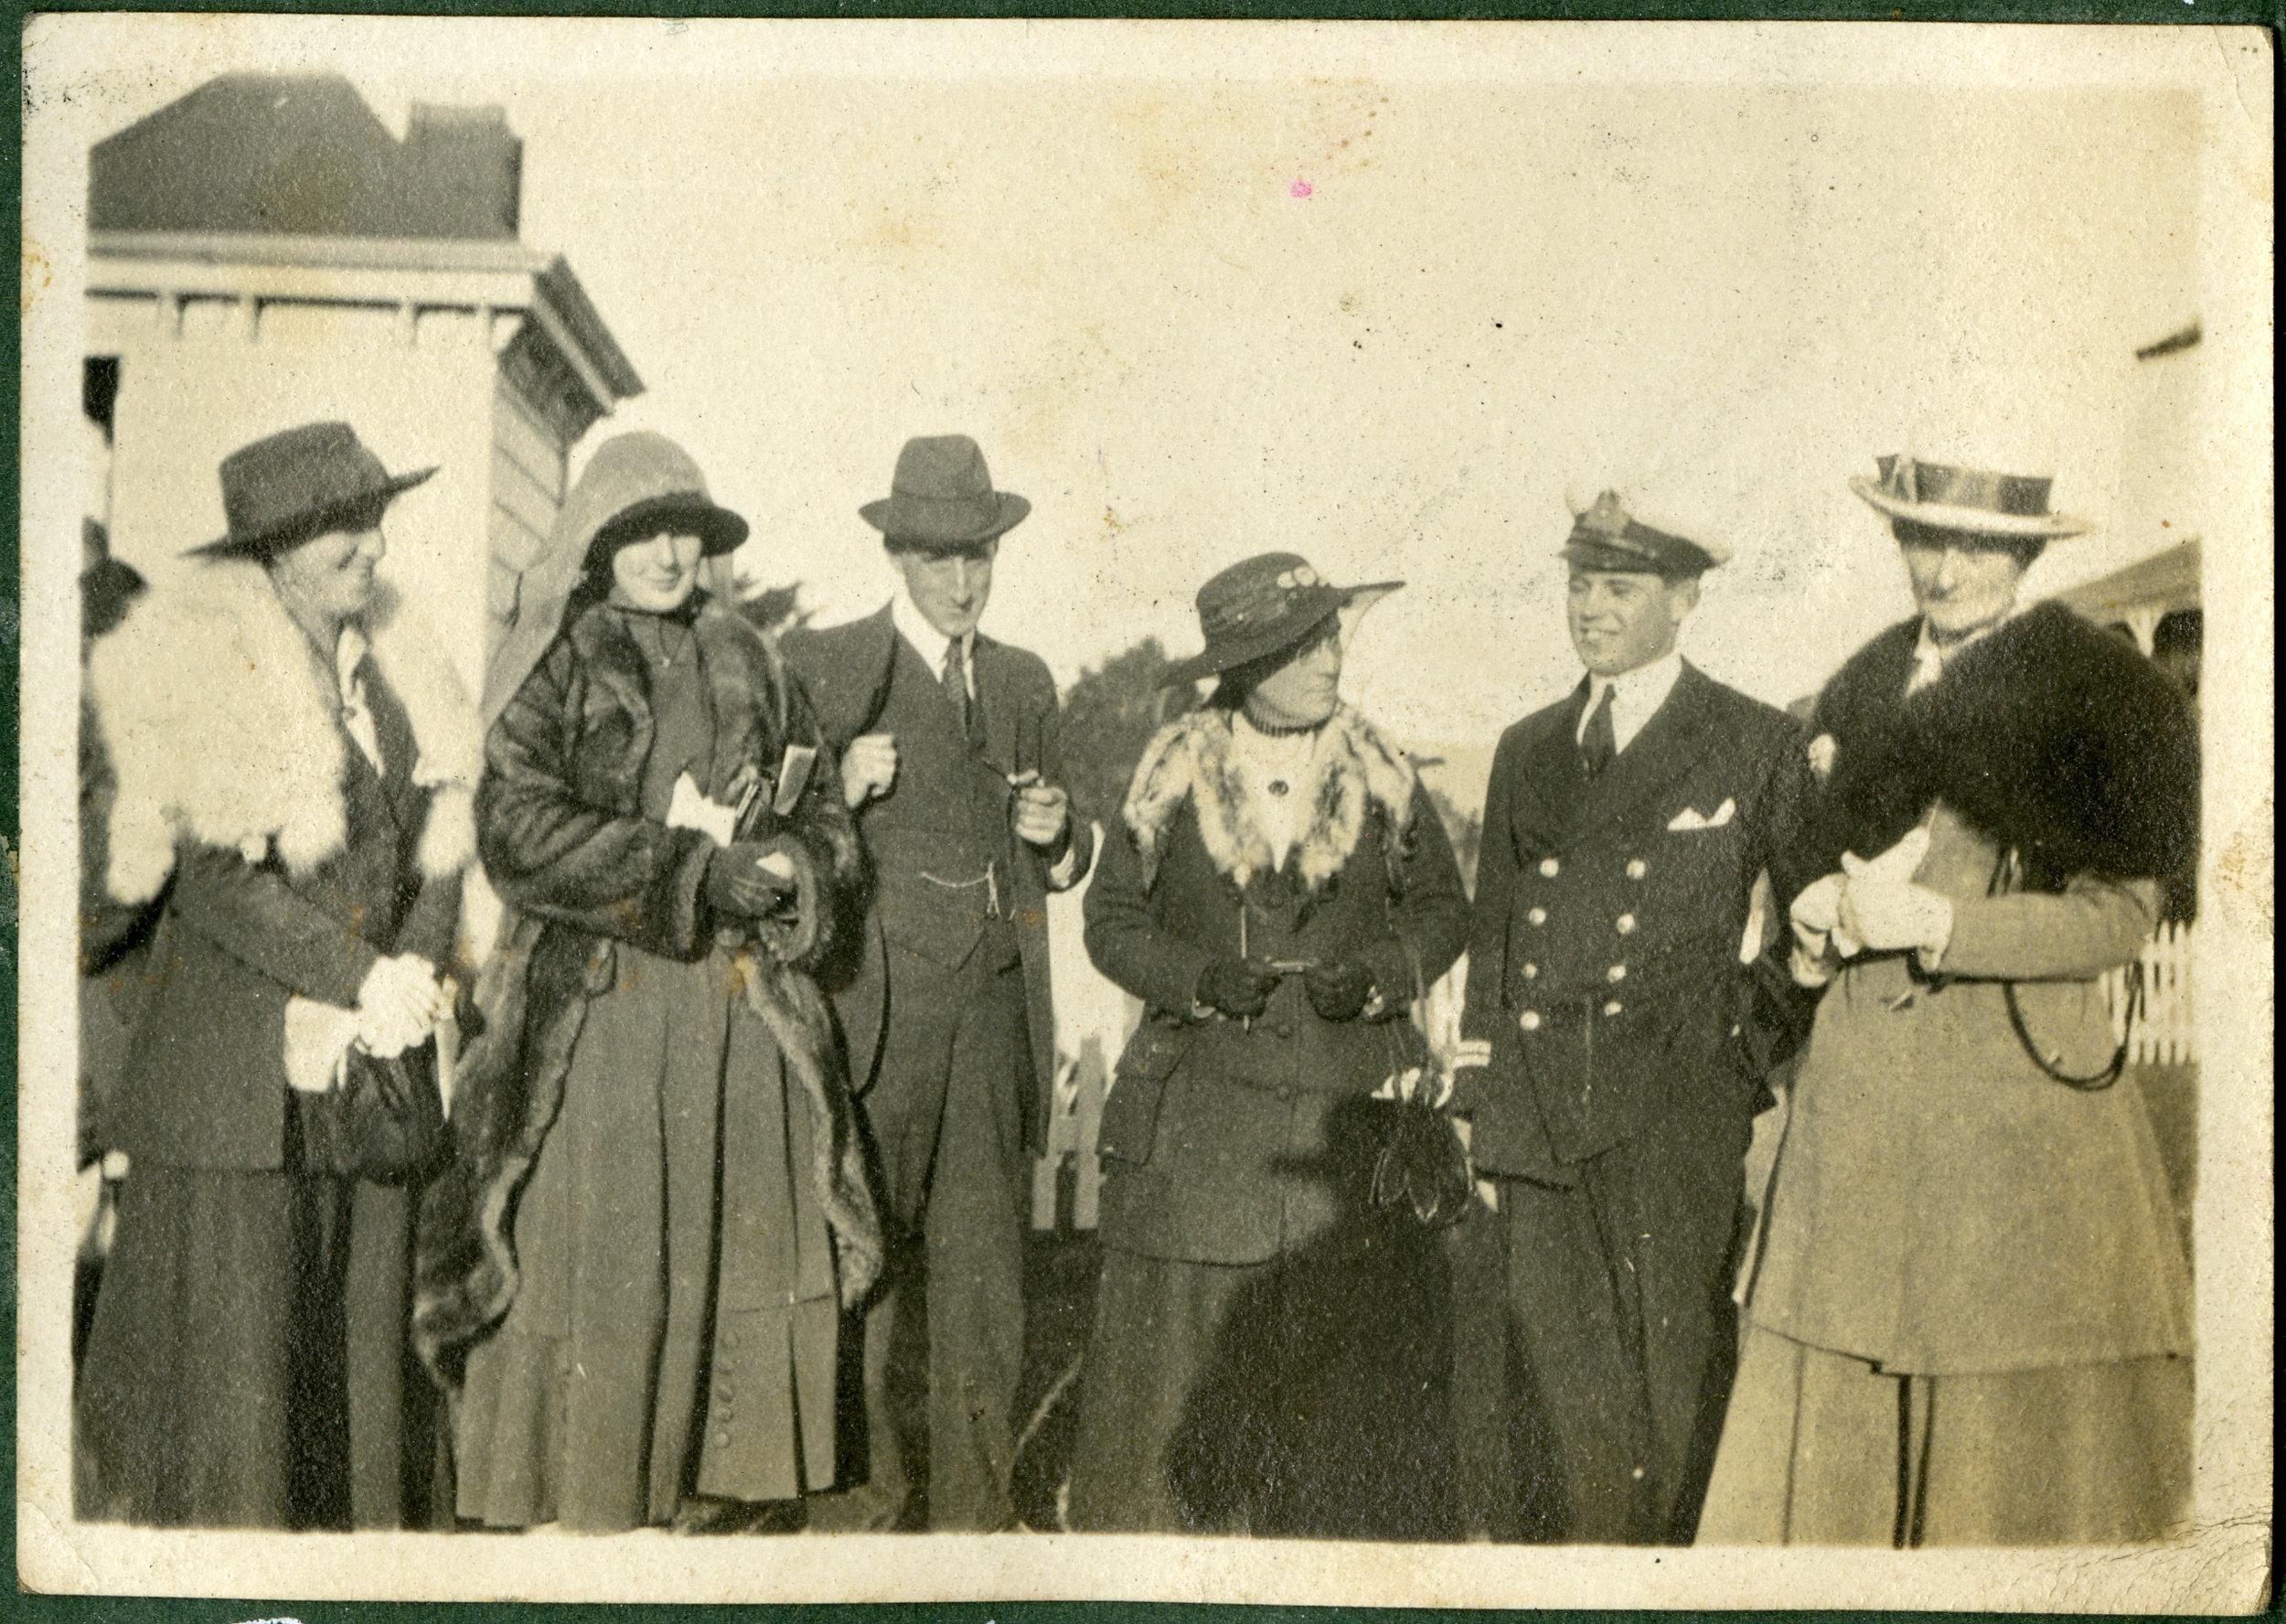 Otaki. Races. On Leave. 1918.